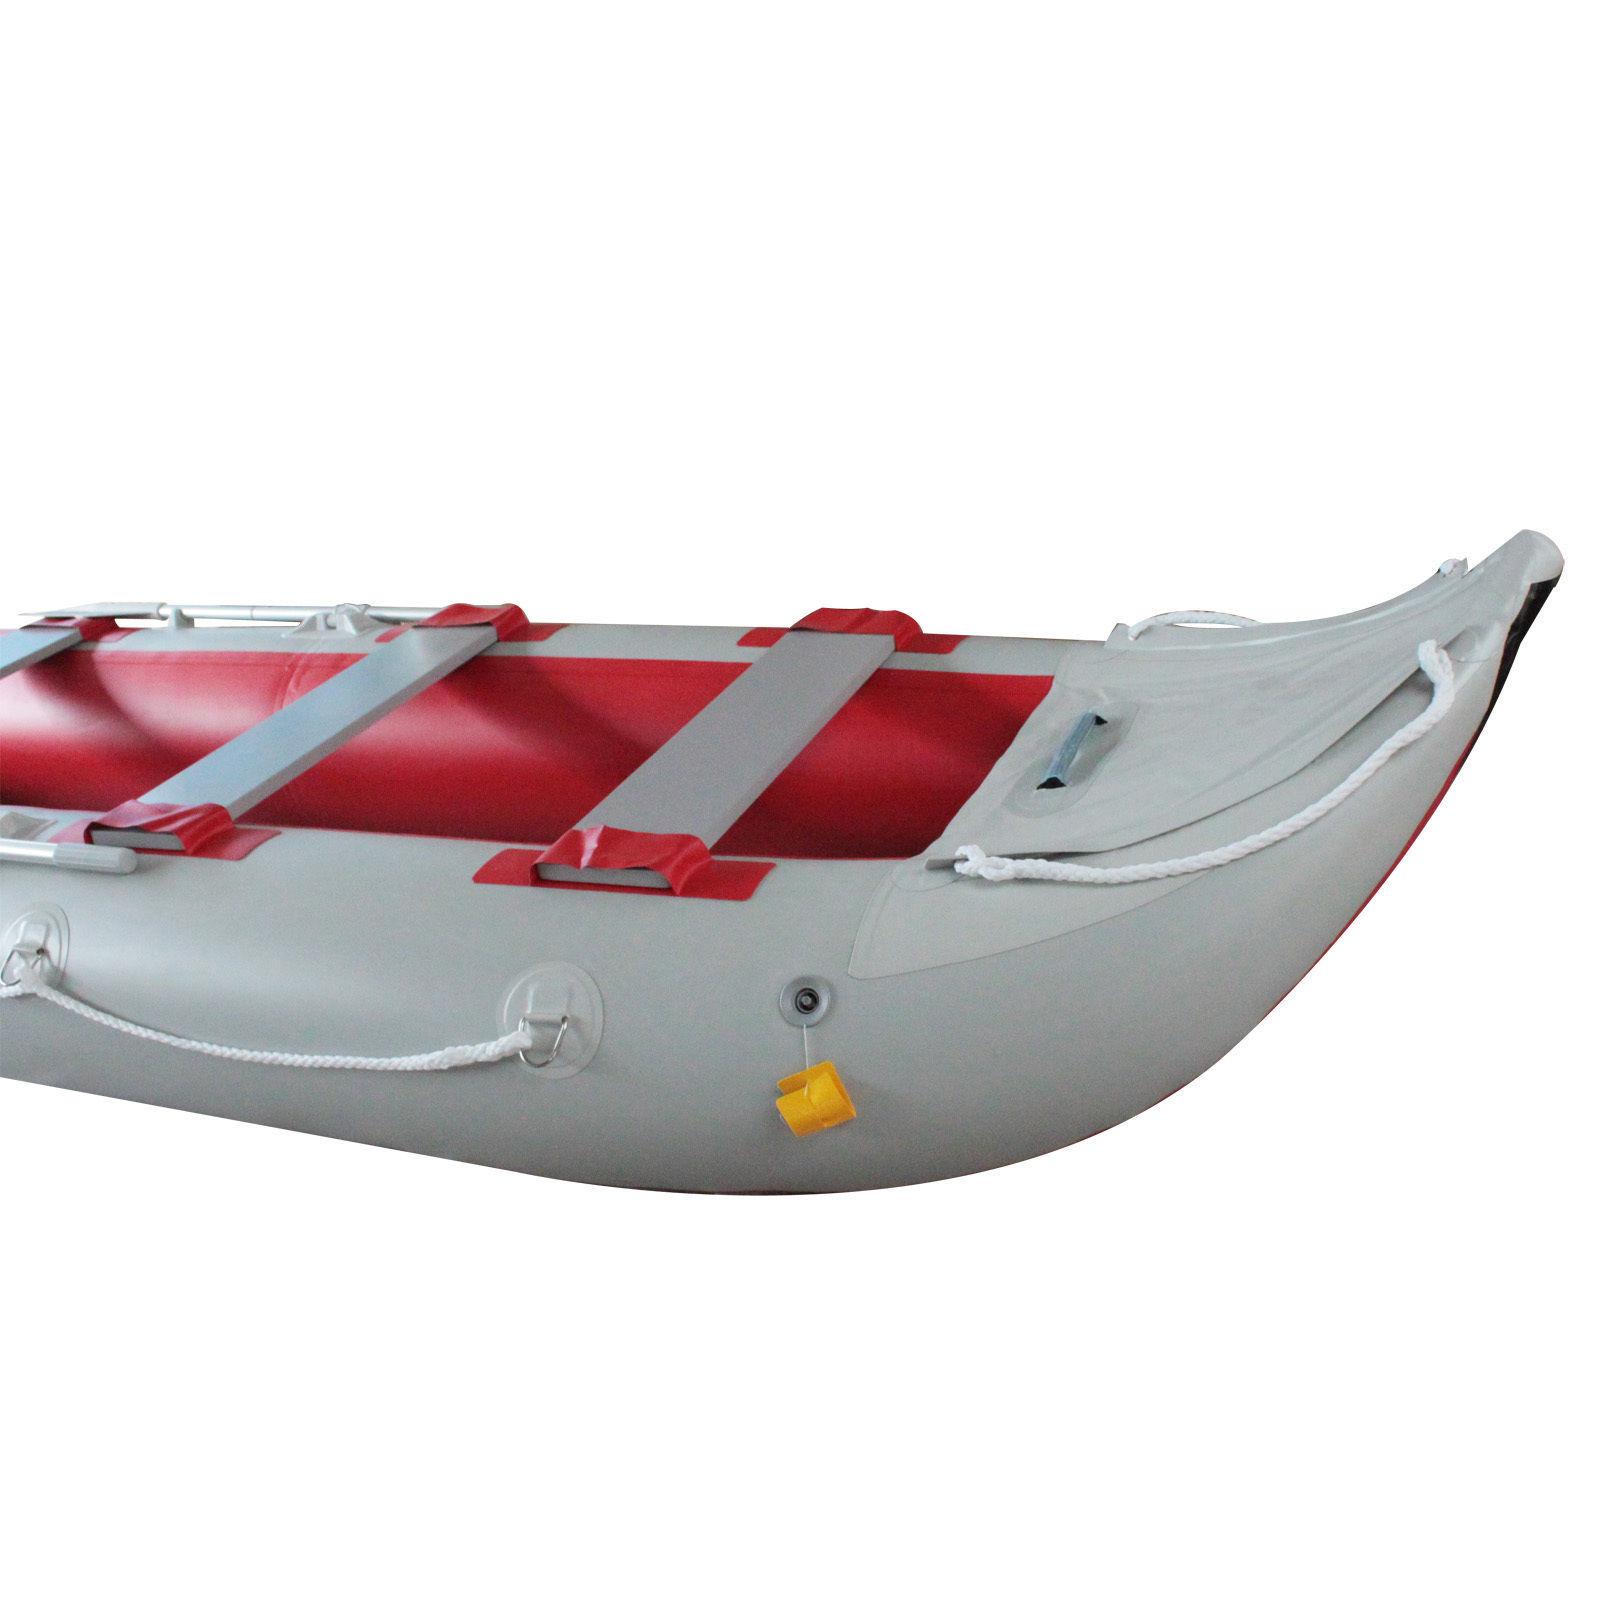 Bris 14 1ft inflatable kayak boat fishing tender poonton for Inflatable boats for fishing